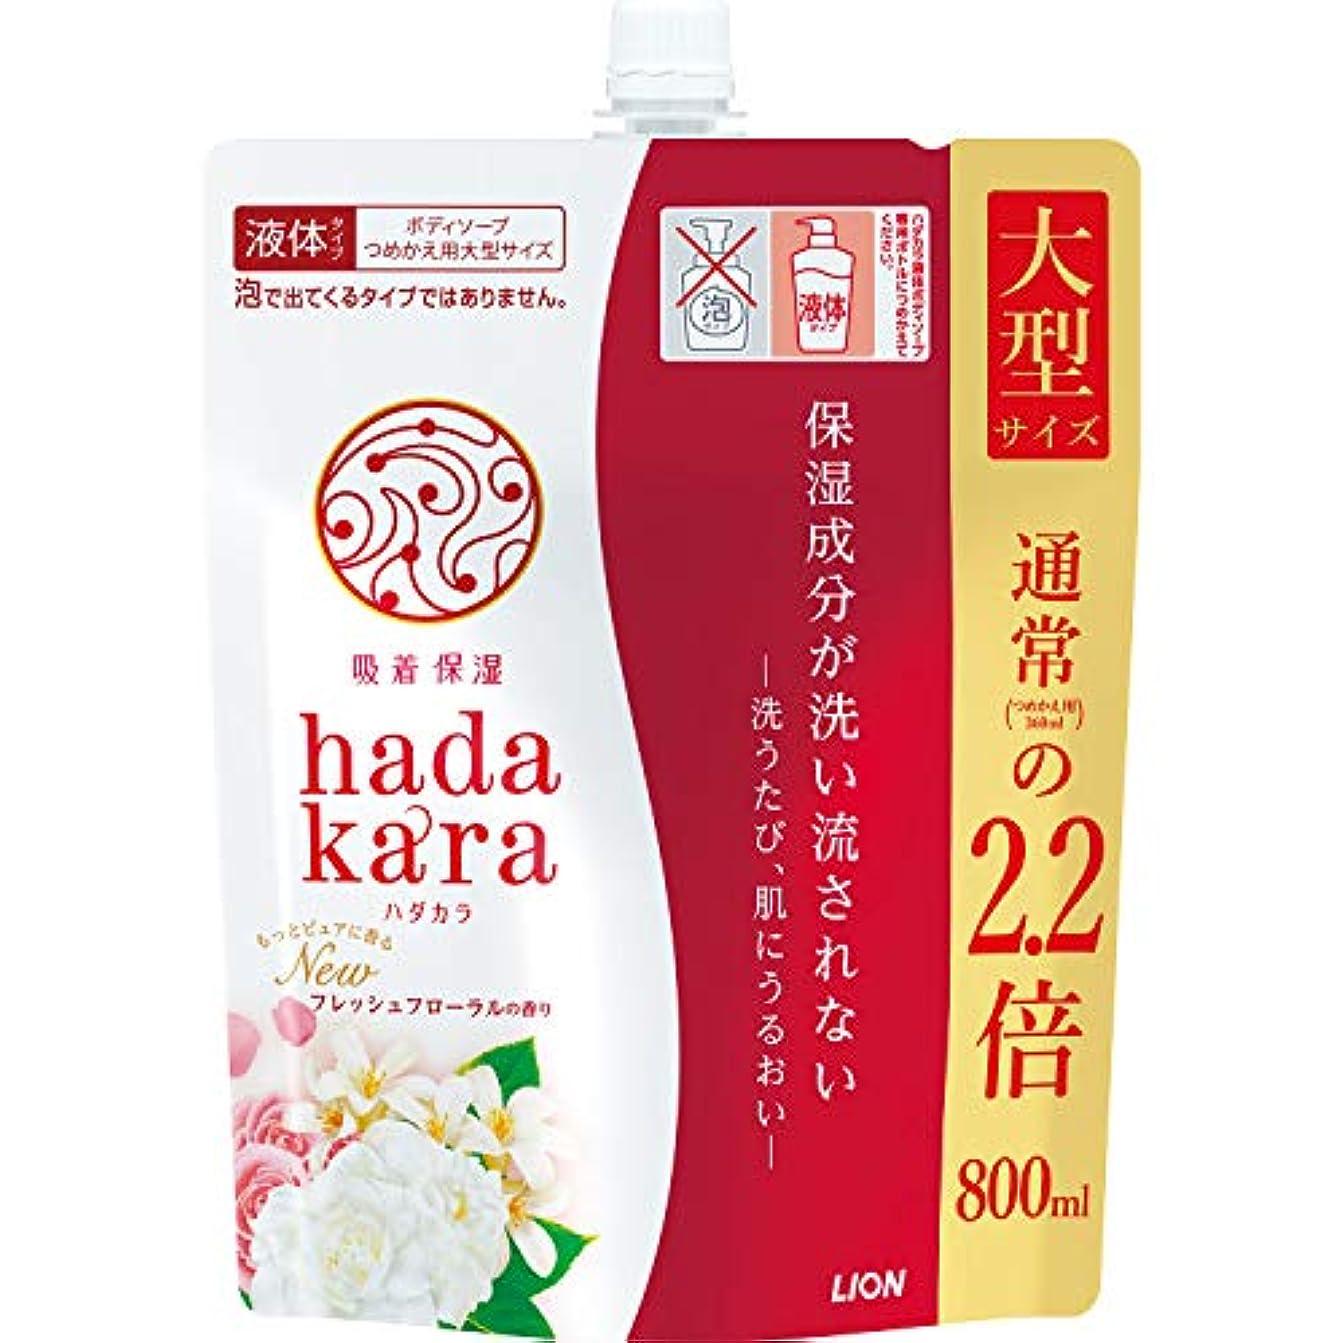 ブルーム羽ミリメートルhadakara(ハダカラ) ボディソープ フレッシュフローラルの香り つめかえ用大型サイズ 800ml